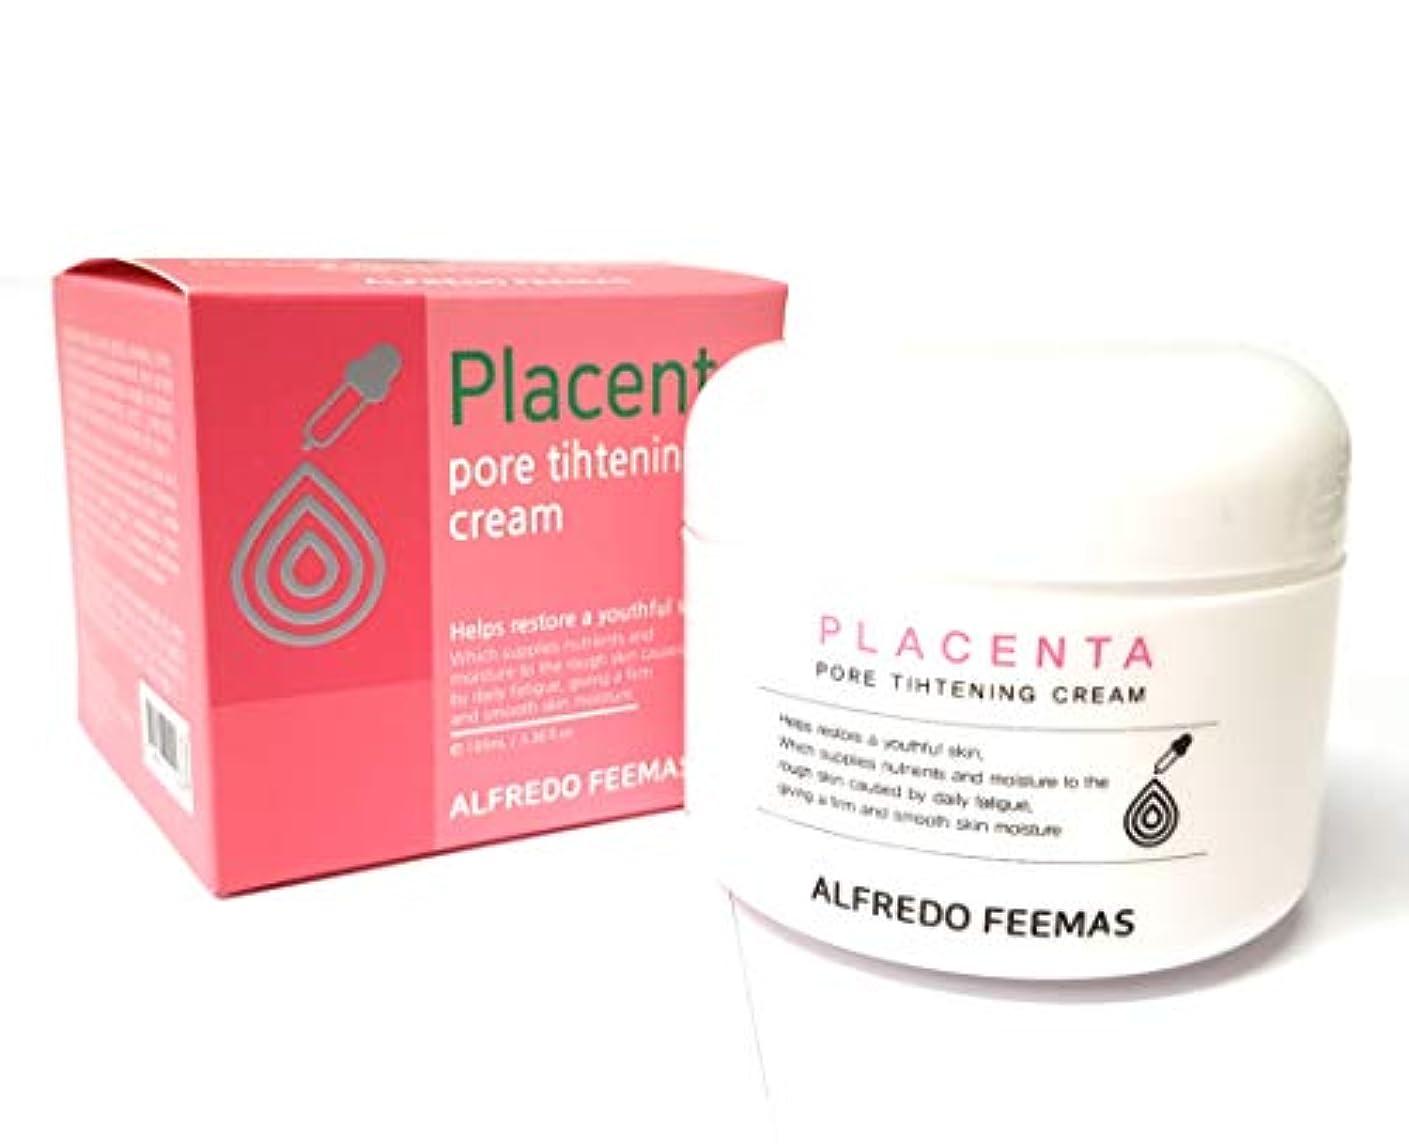 影減らす貝殻[ALFREDO FEEMAS] ポア引き締めクリーム100ml / Pore tightening cream100ml / ポアケア、うるおい/Pore Care,moisture/韓国化粧品/Korean Cosmetics...